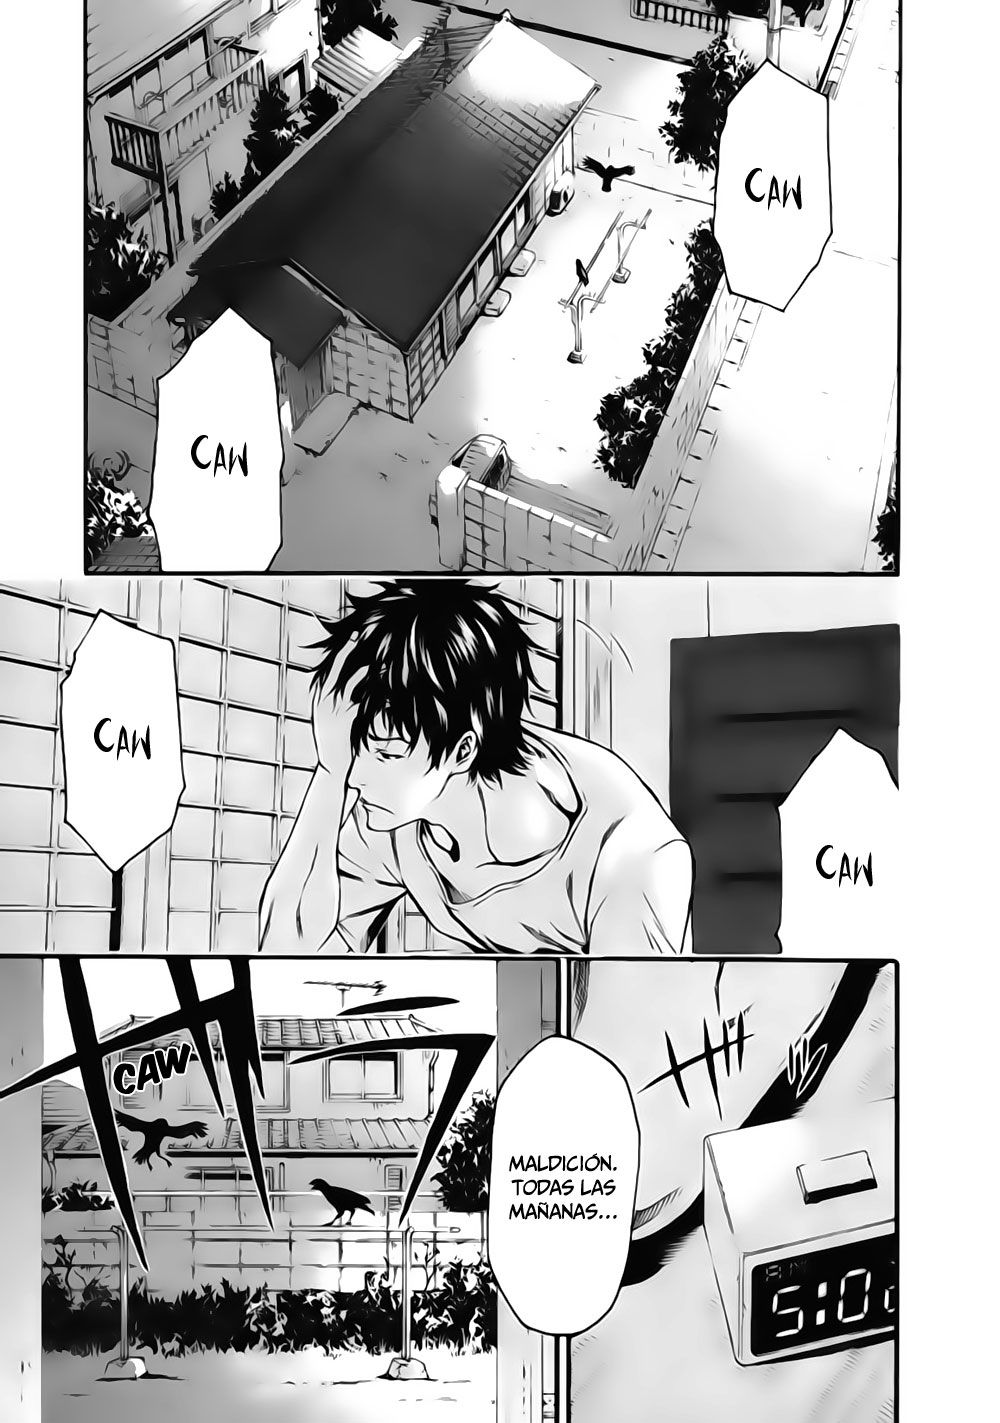 http://c5.ninemanga.com/es_manga/3/19523/460596/71def22ecb636394074c832abeed07a7.jpg Page 3